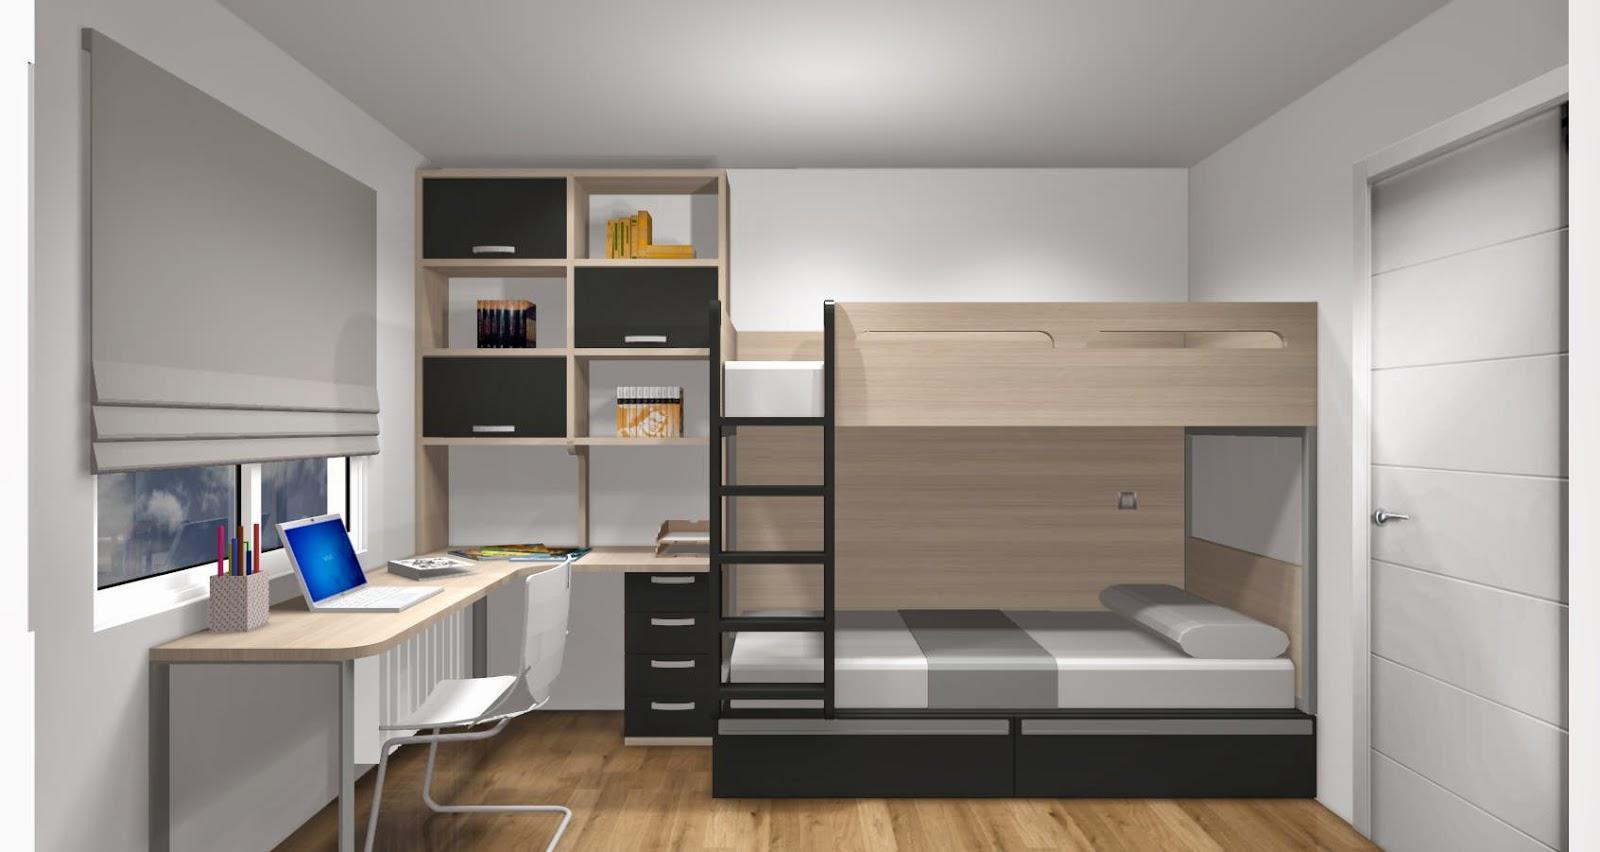 Dise o de cuartos o dormitorios juveniles for Habitaciones para ninas con literas